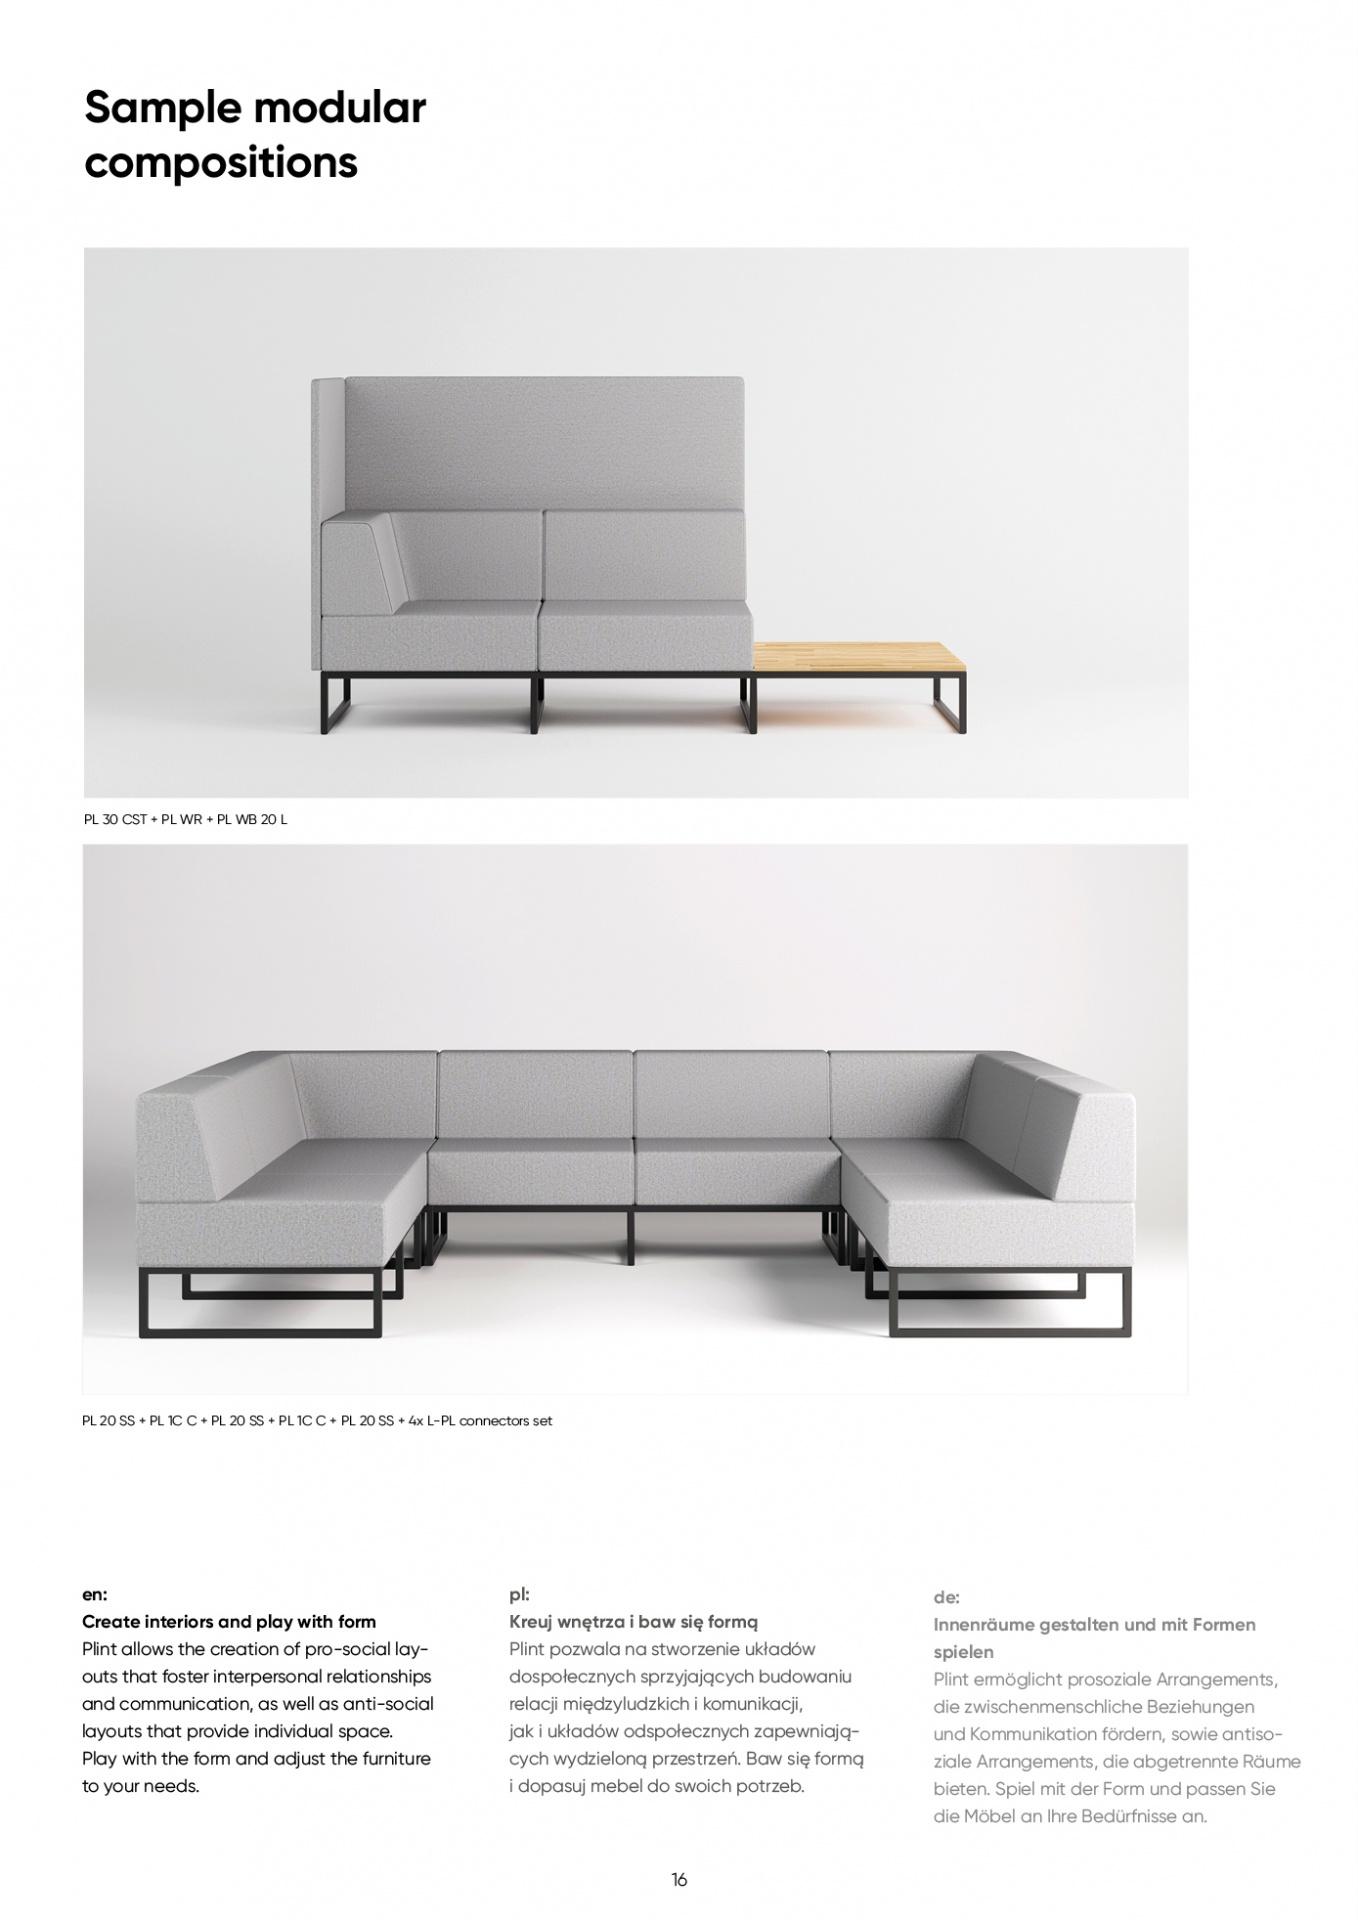 plint-catalogue-v2-16.jpg